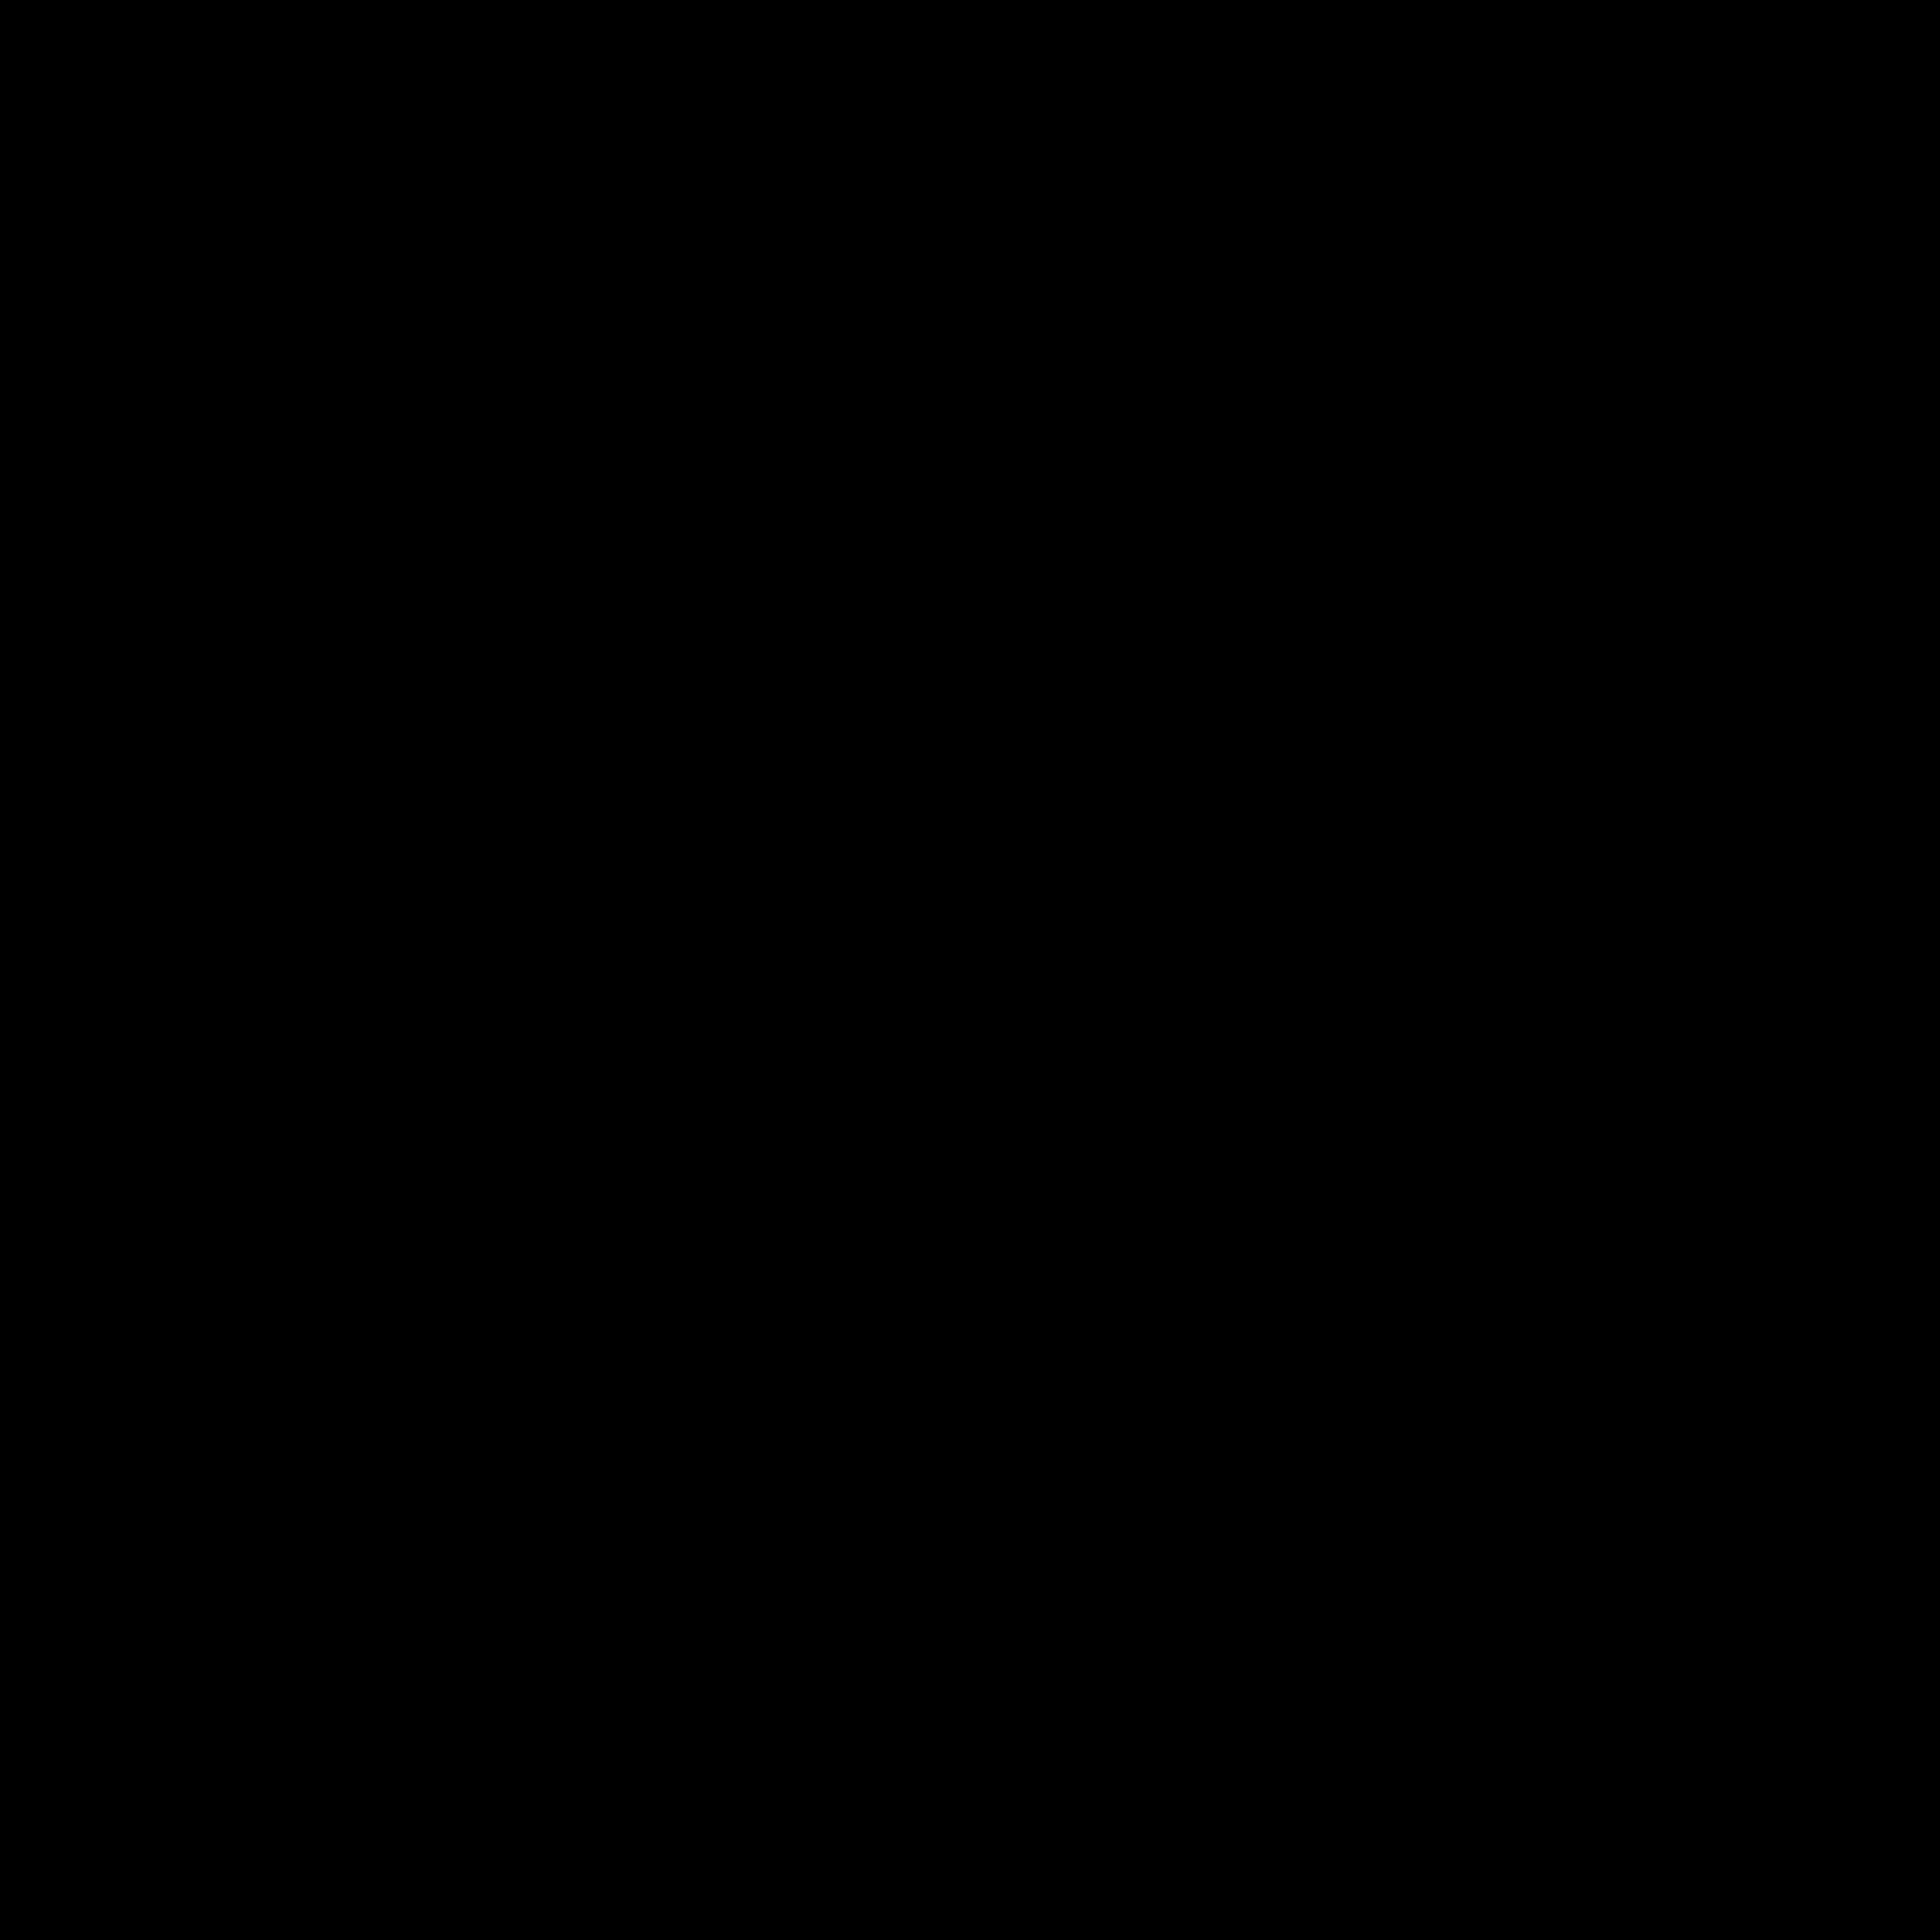 shower symbol.png